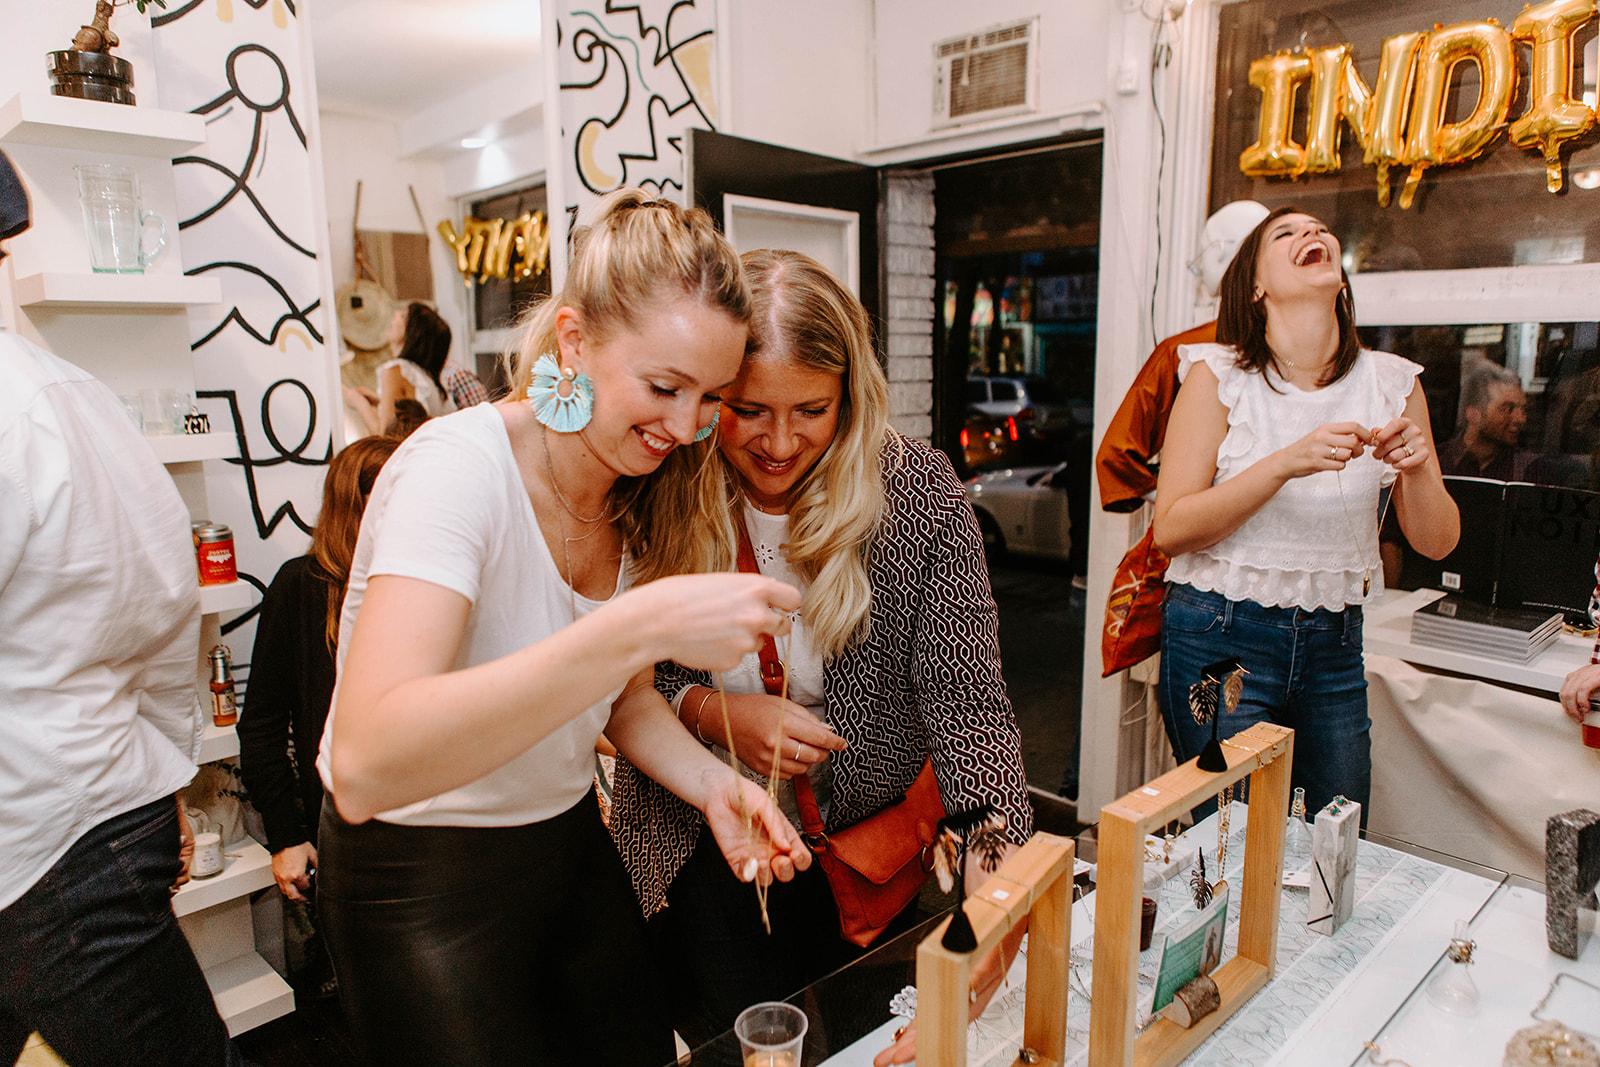 Shoppers at Indie Twenty